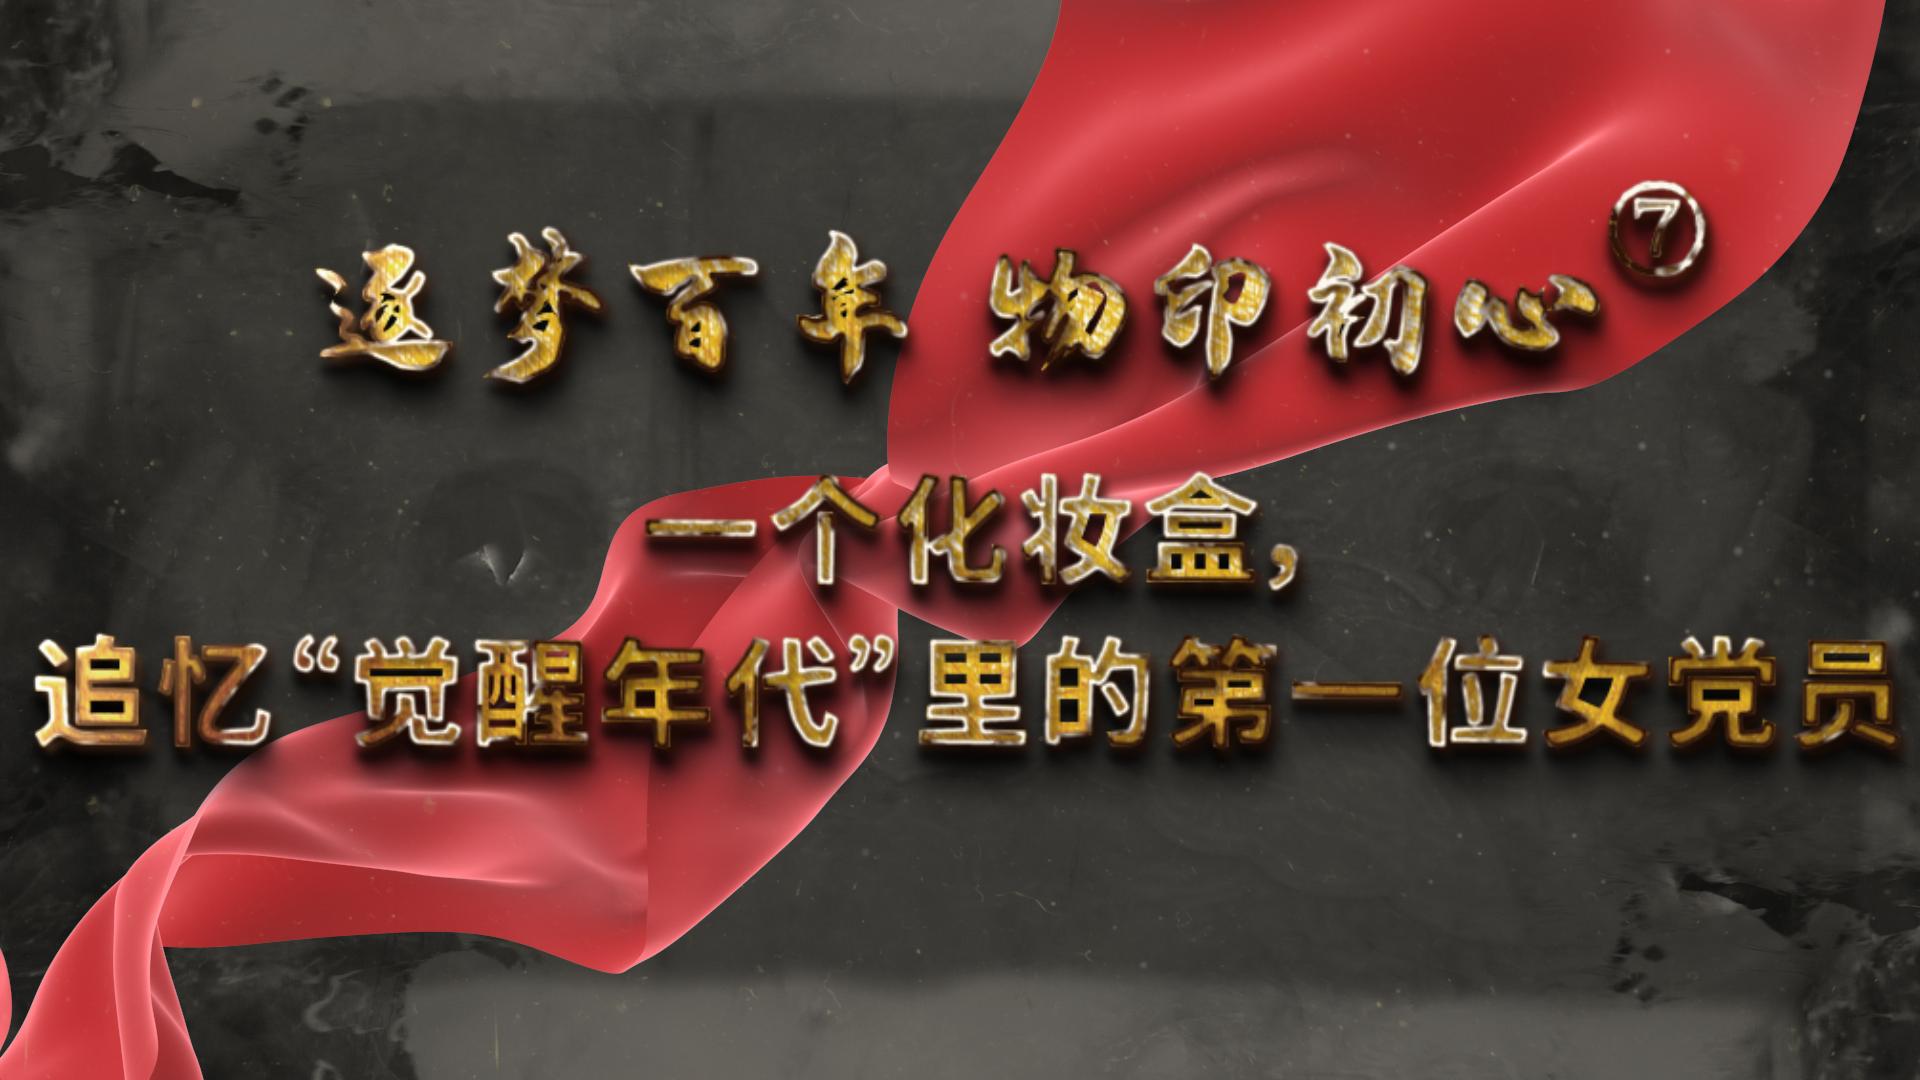 """逐梦百年 物印初心⑦丨一个化妆盒,追忆""""觉醒年代""""里的第一位女党员"""